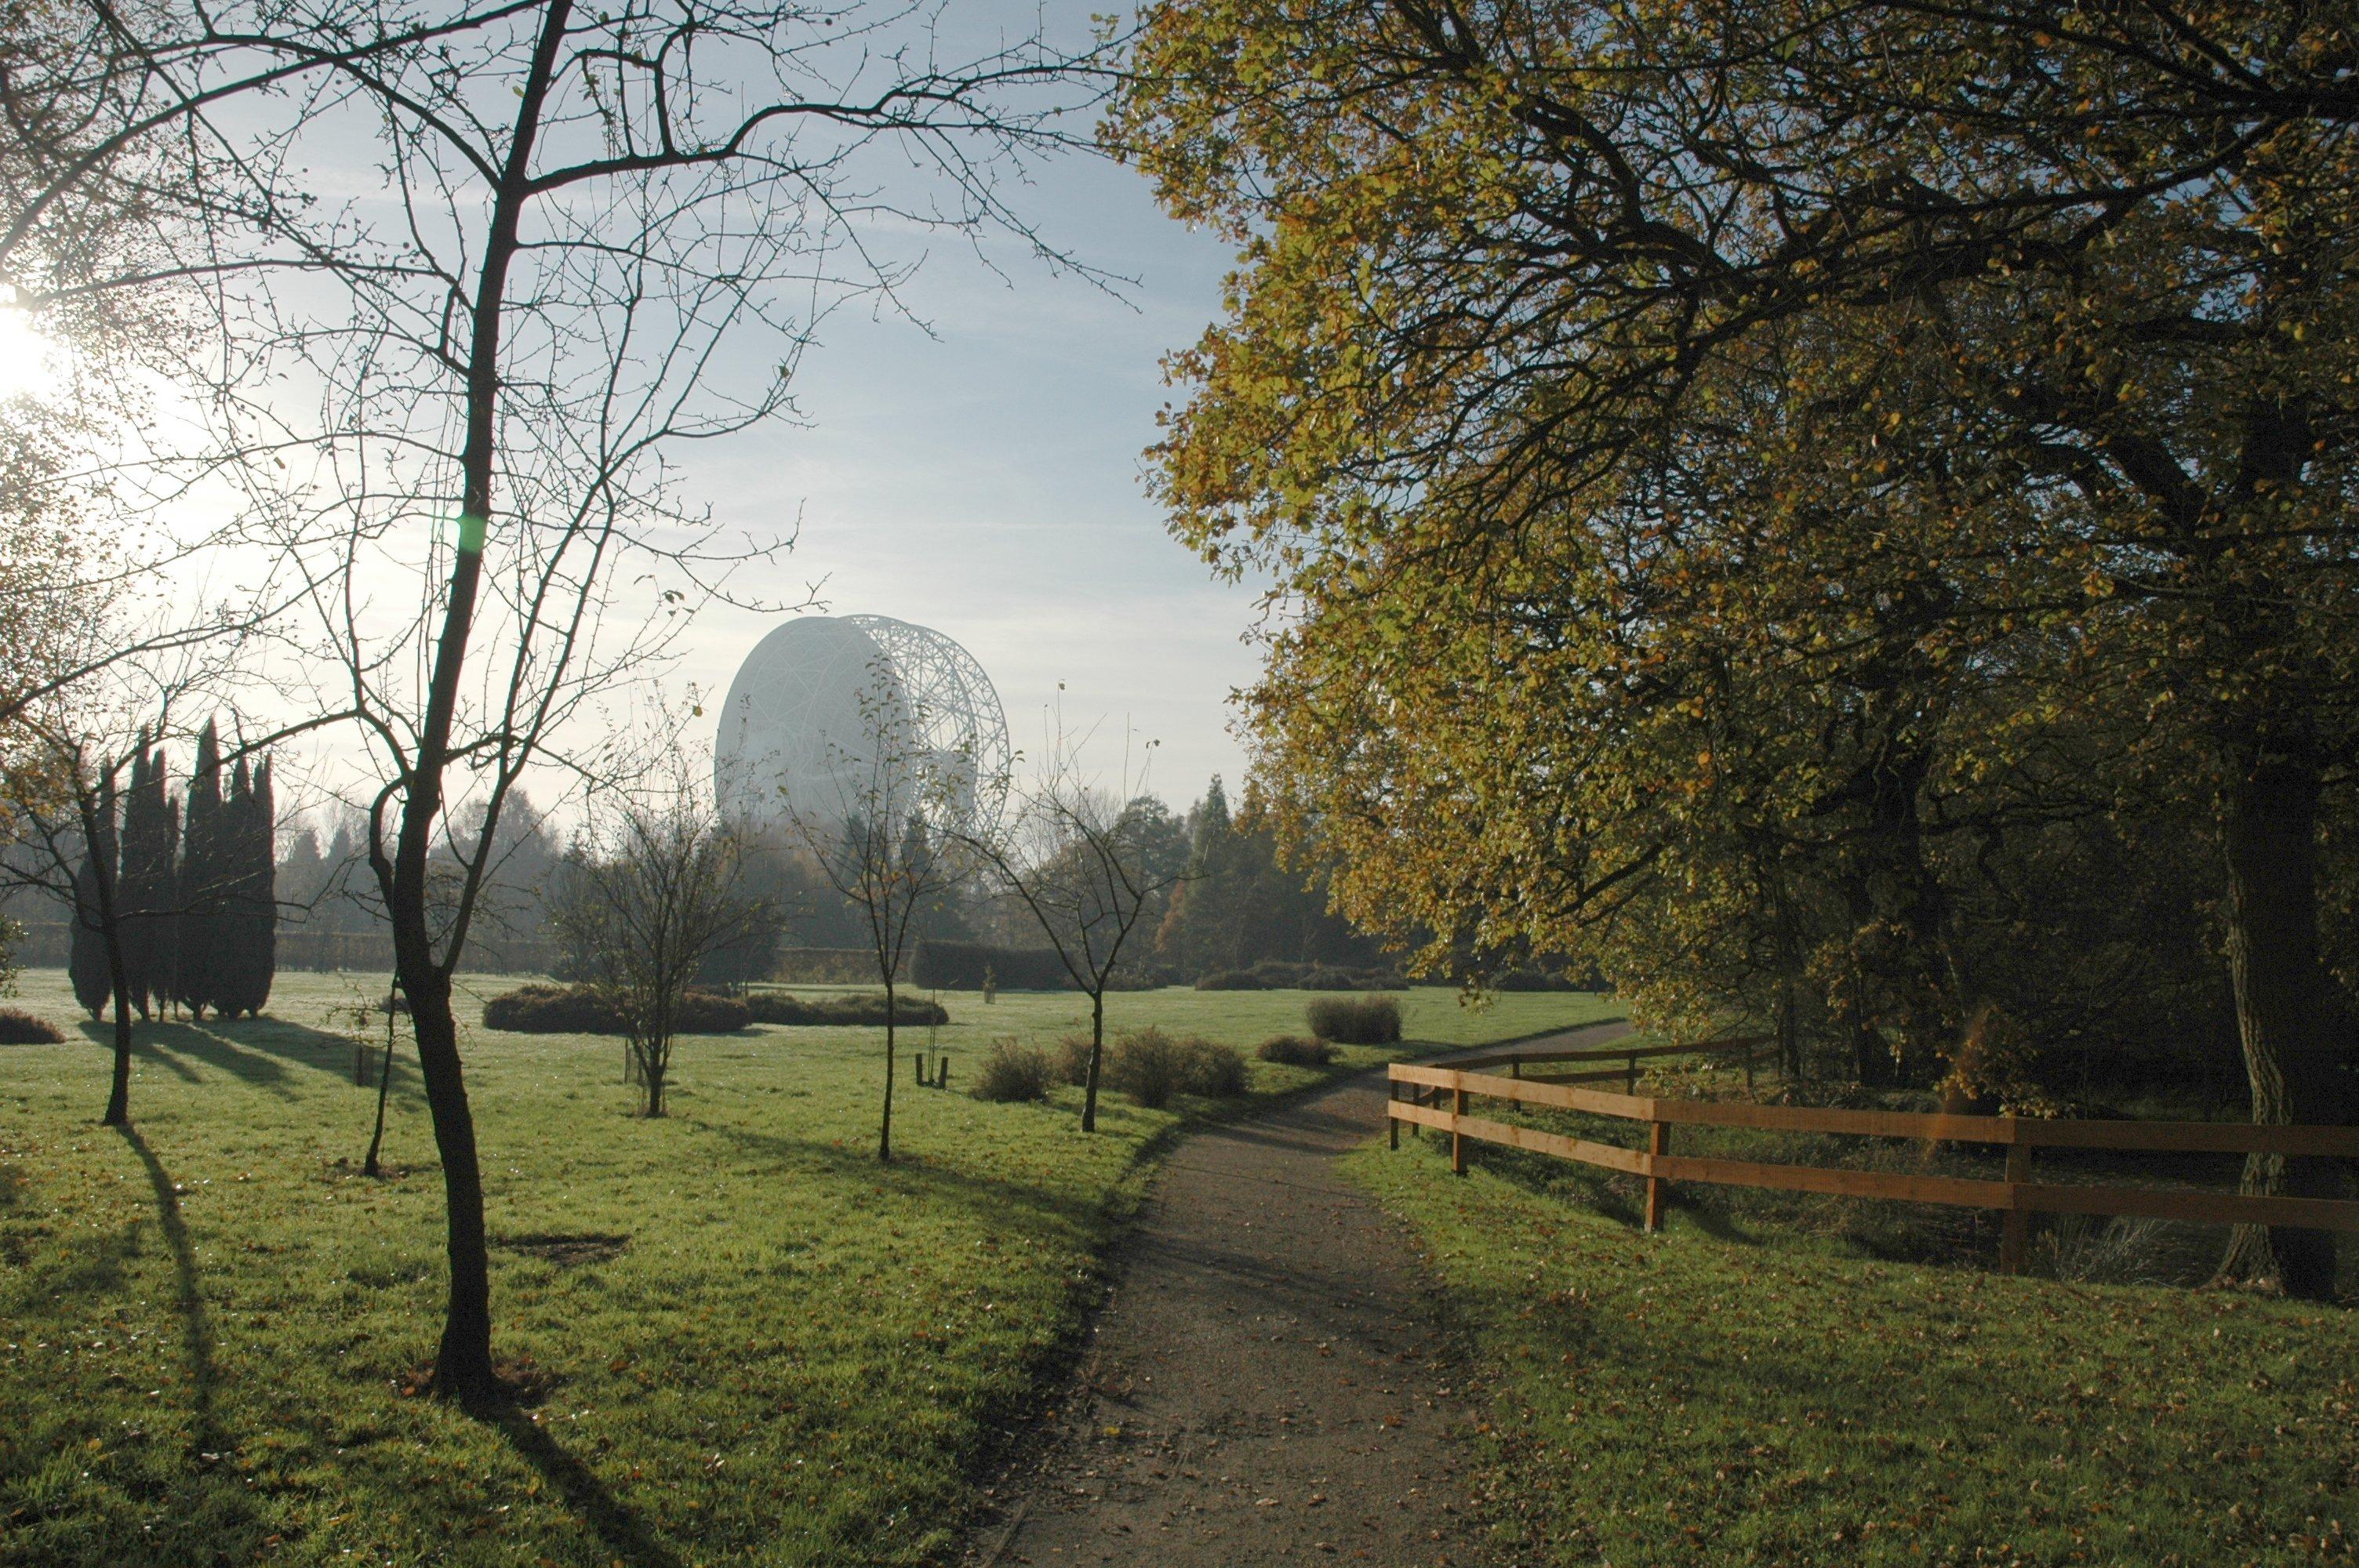 Arboretum & Telescope